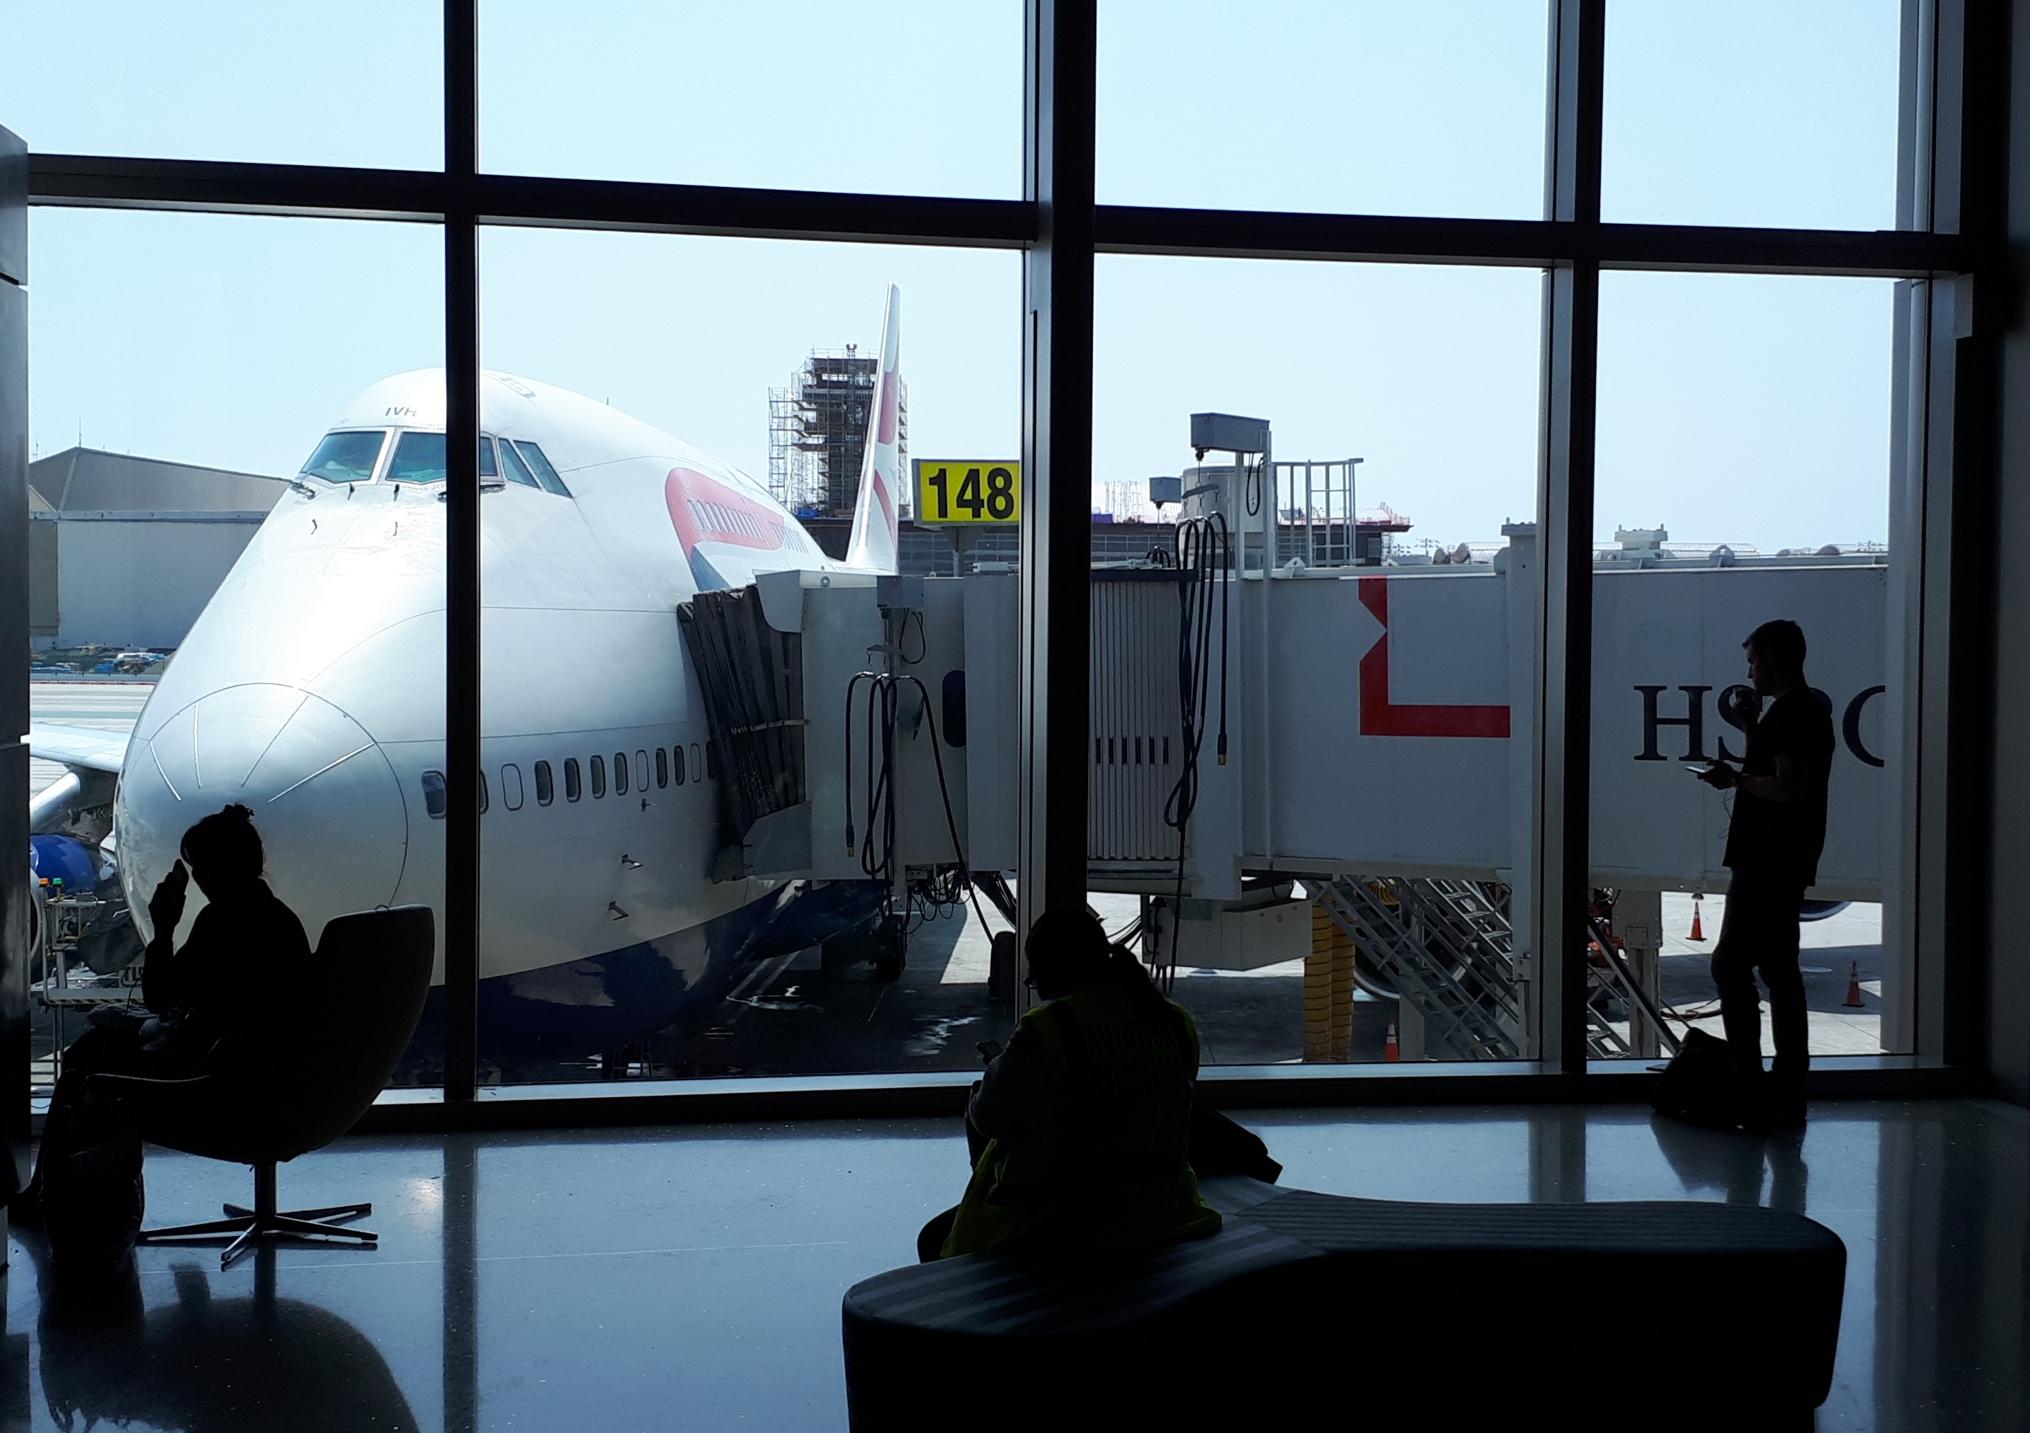 USA lukker de kommende 30 dage for nærmest alle flyvninger fra Europa til USA og stiller krav til de rejsende på flyvninger, der må lande i USA. Her arkivfoto fra lufthavn i Los Angeles. Foto: Henrik Baumgarten.